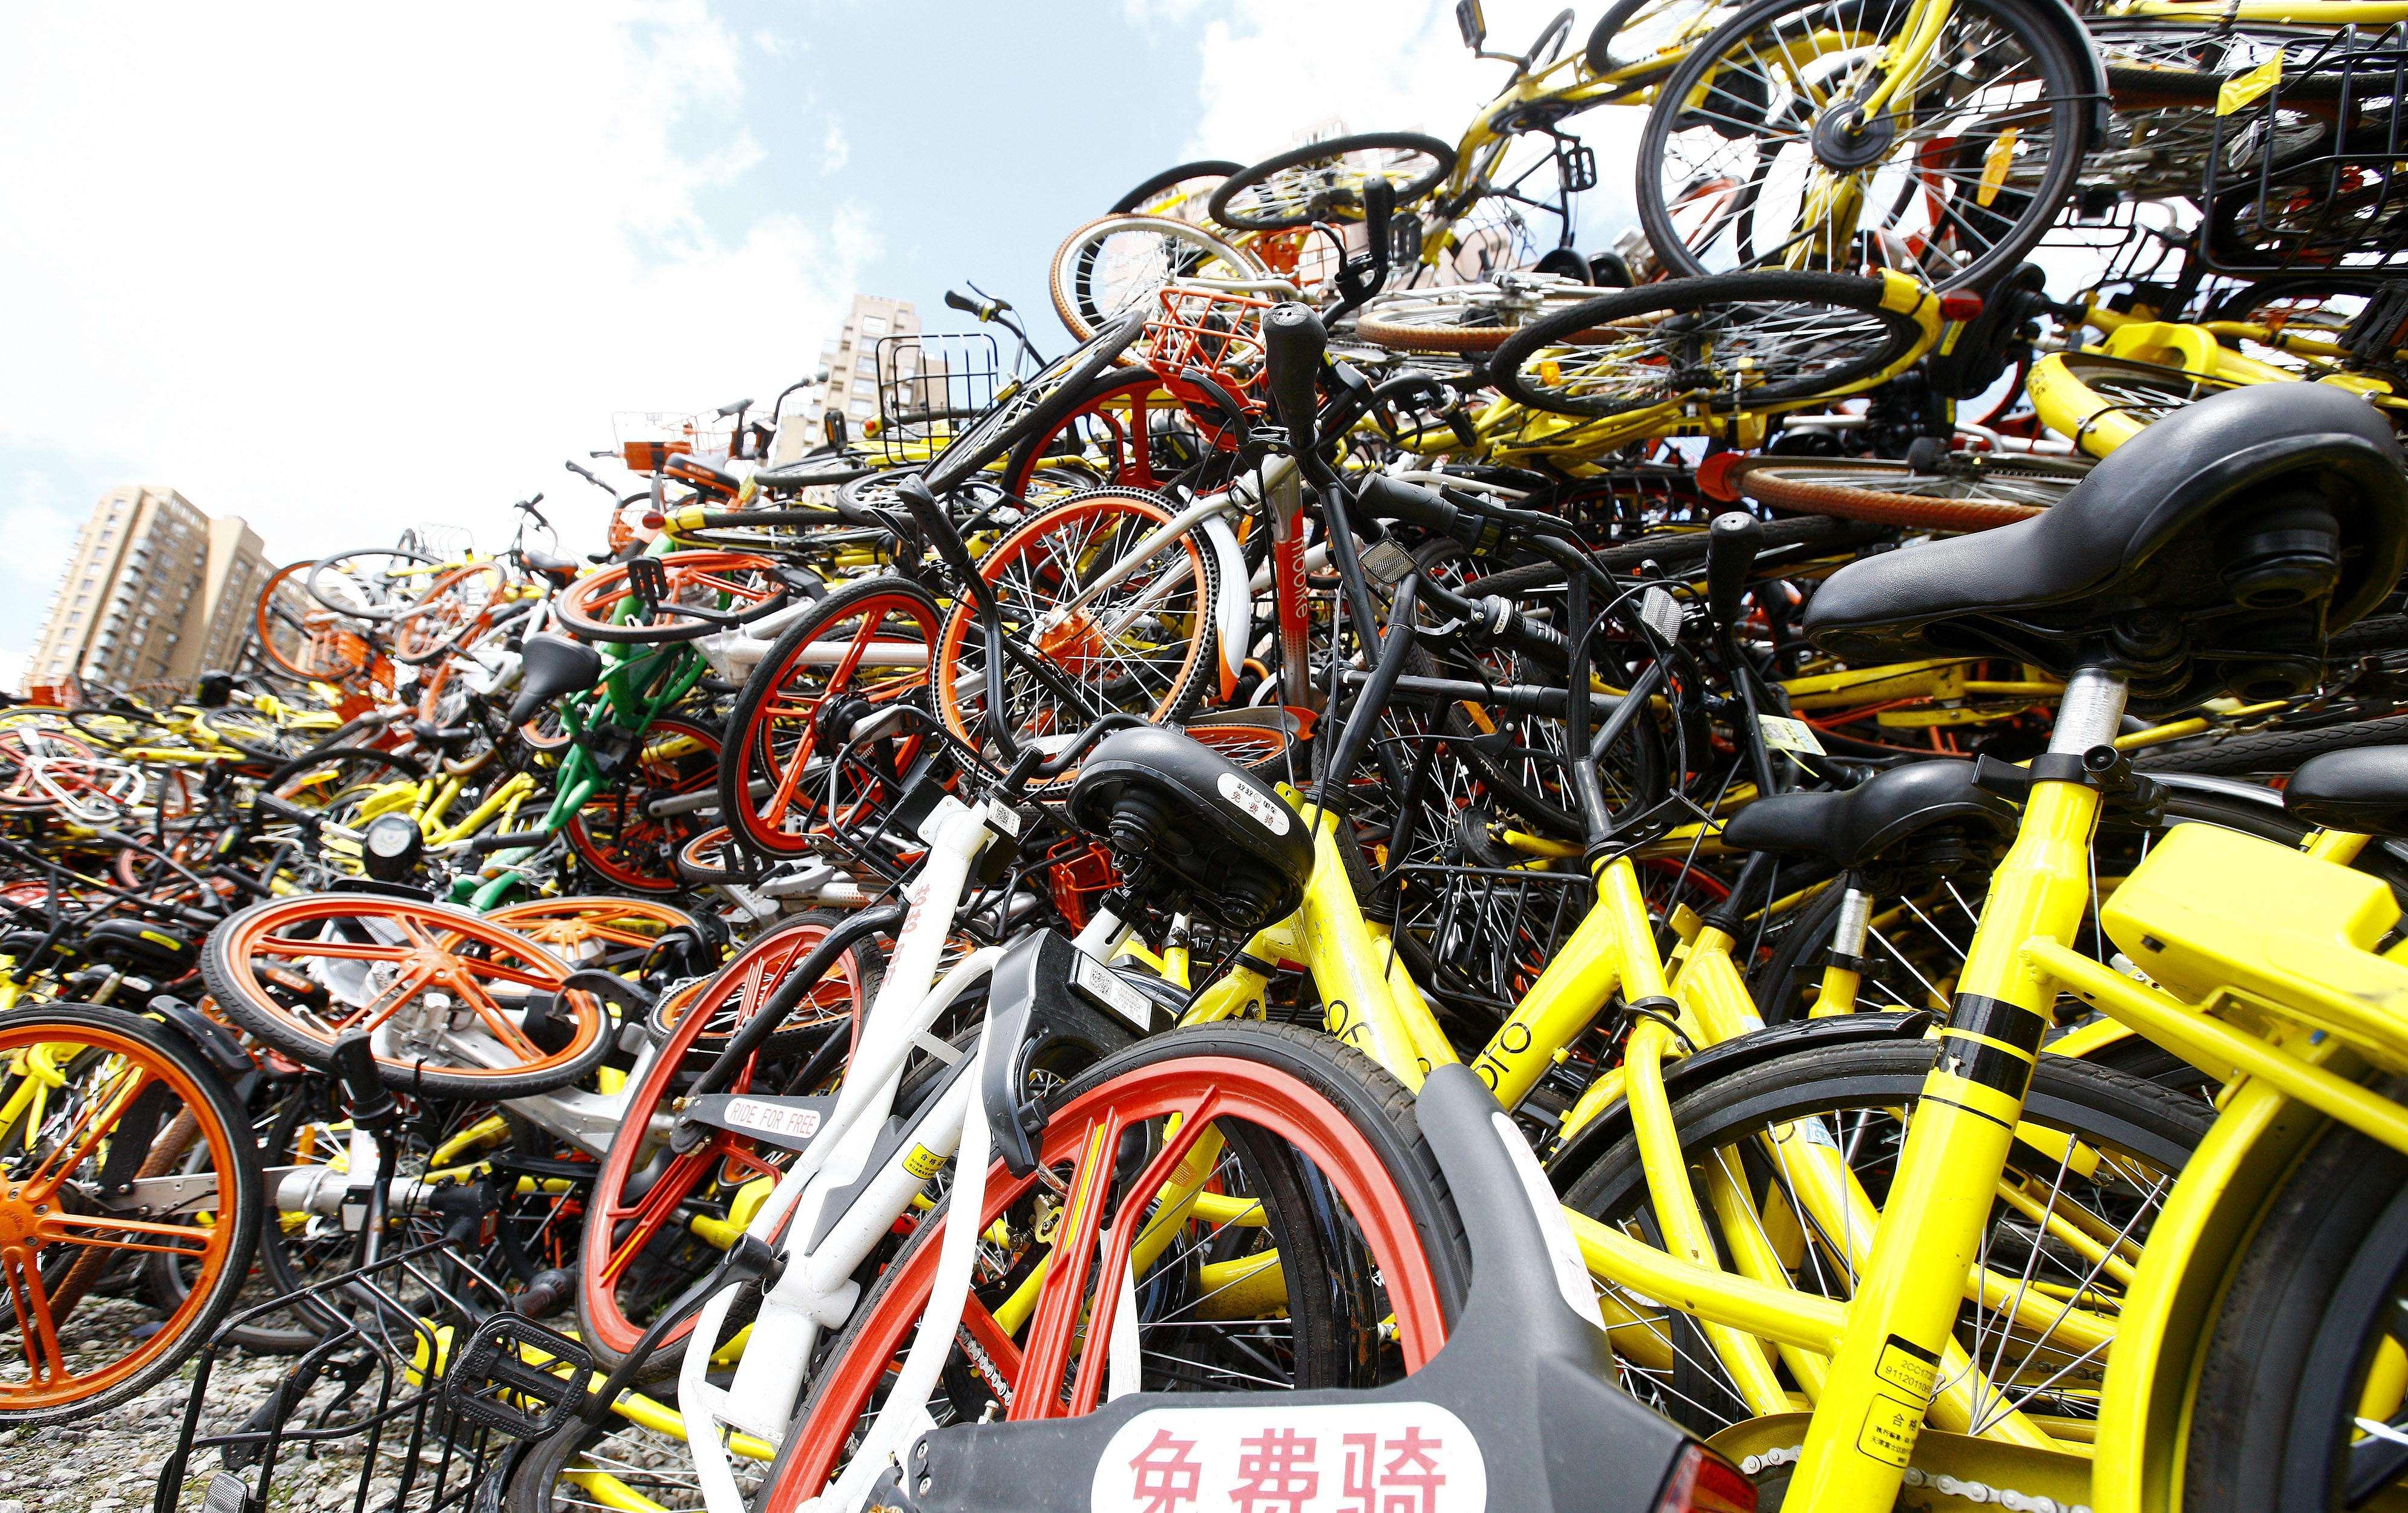 共享单车走向灭亡,企业加紧榨取剩余价值